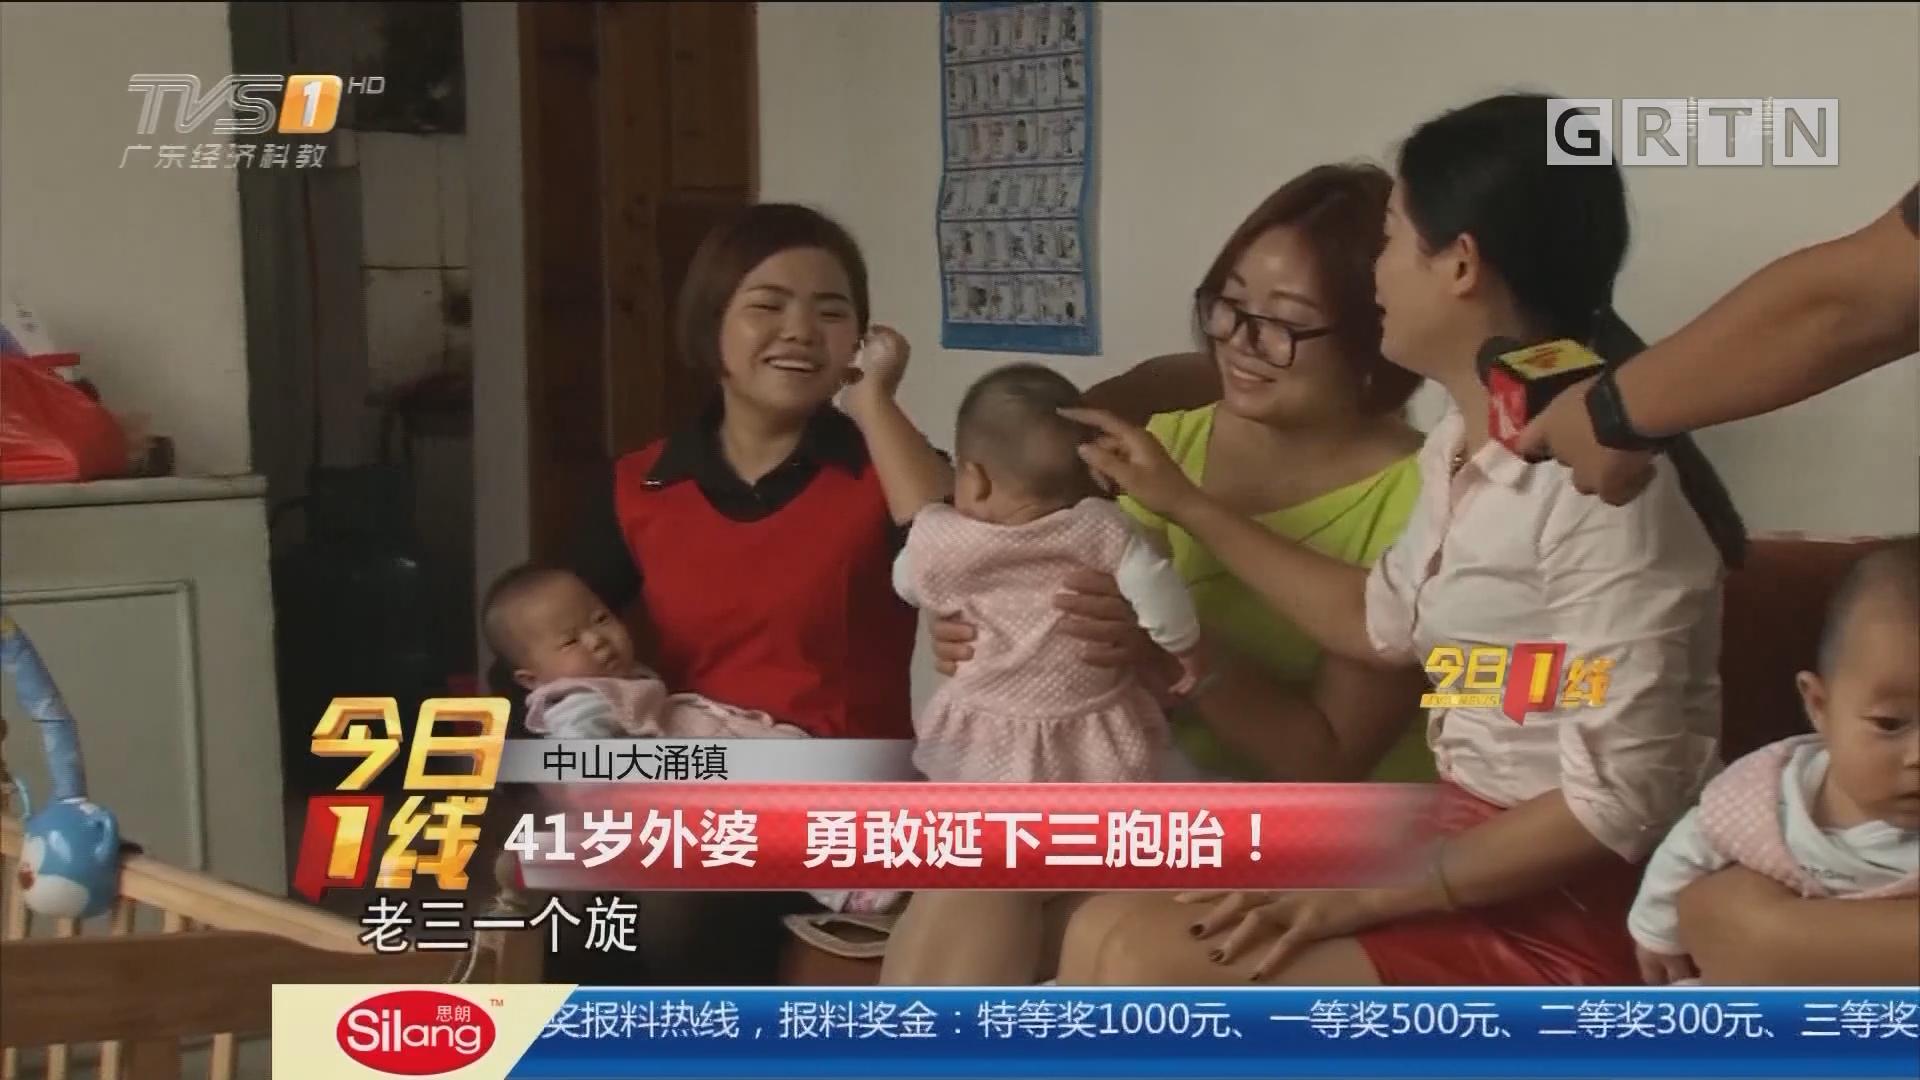 中山大涌镇:41岁外婆 勇敢诞下三胞胎!